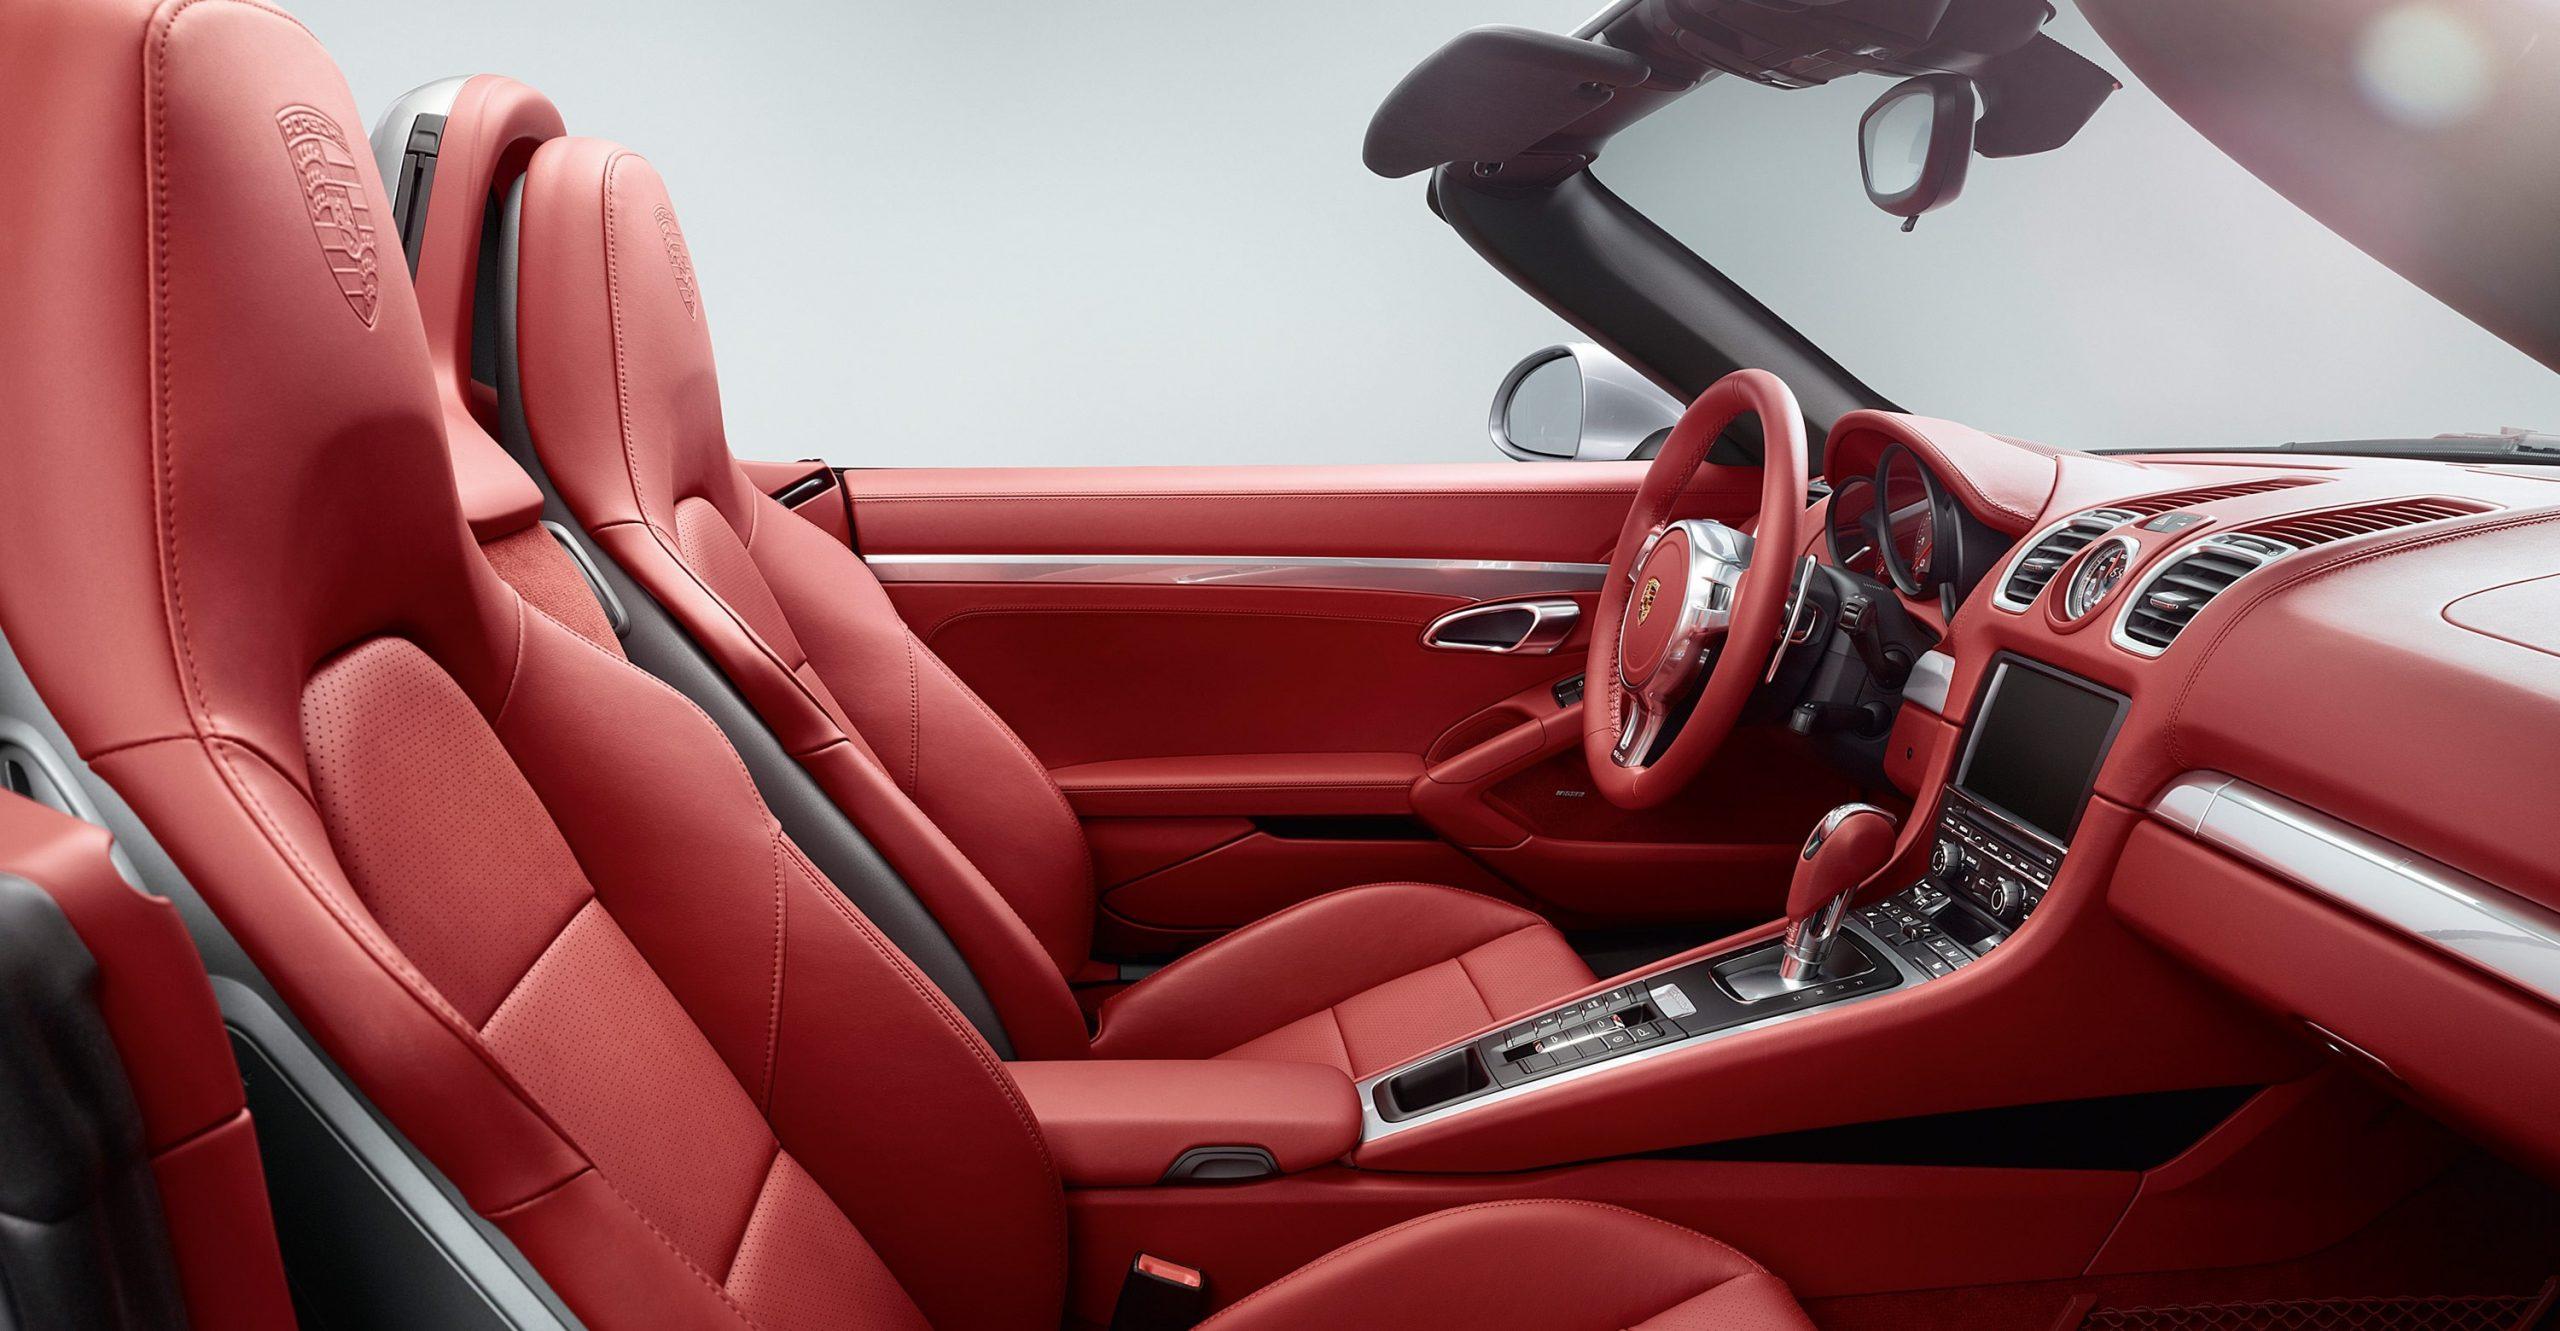 Porsche Boxster Spyder Desktop Wallpapers